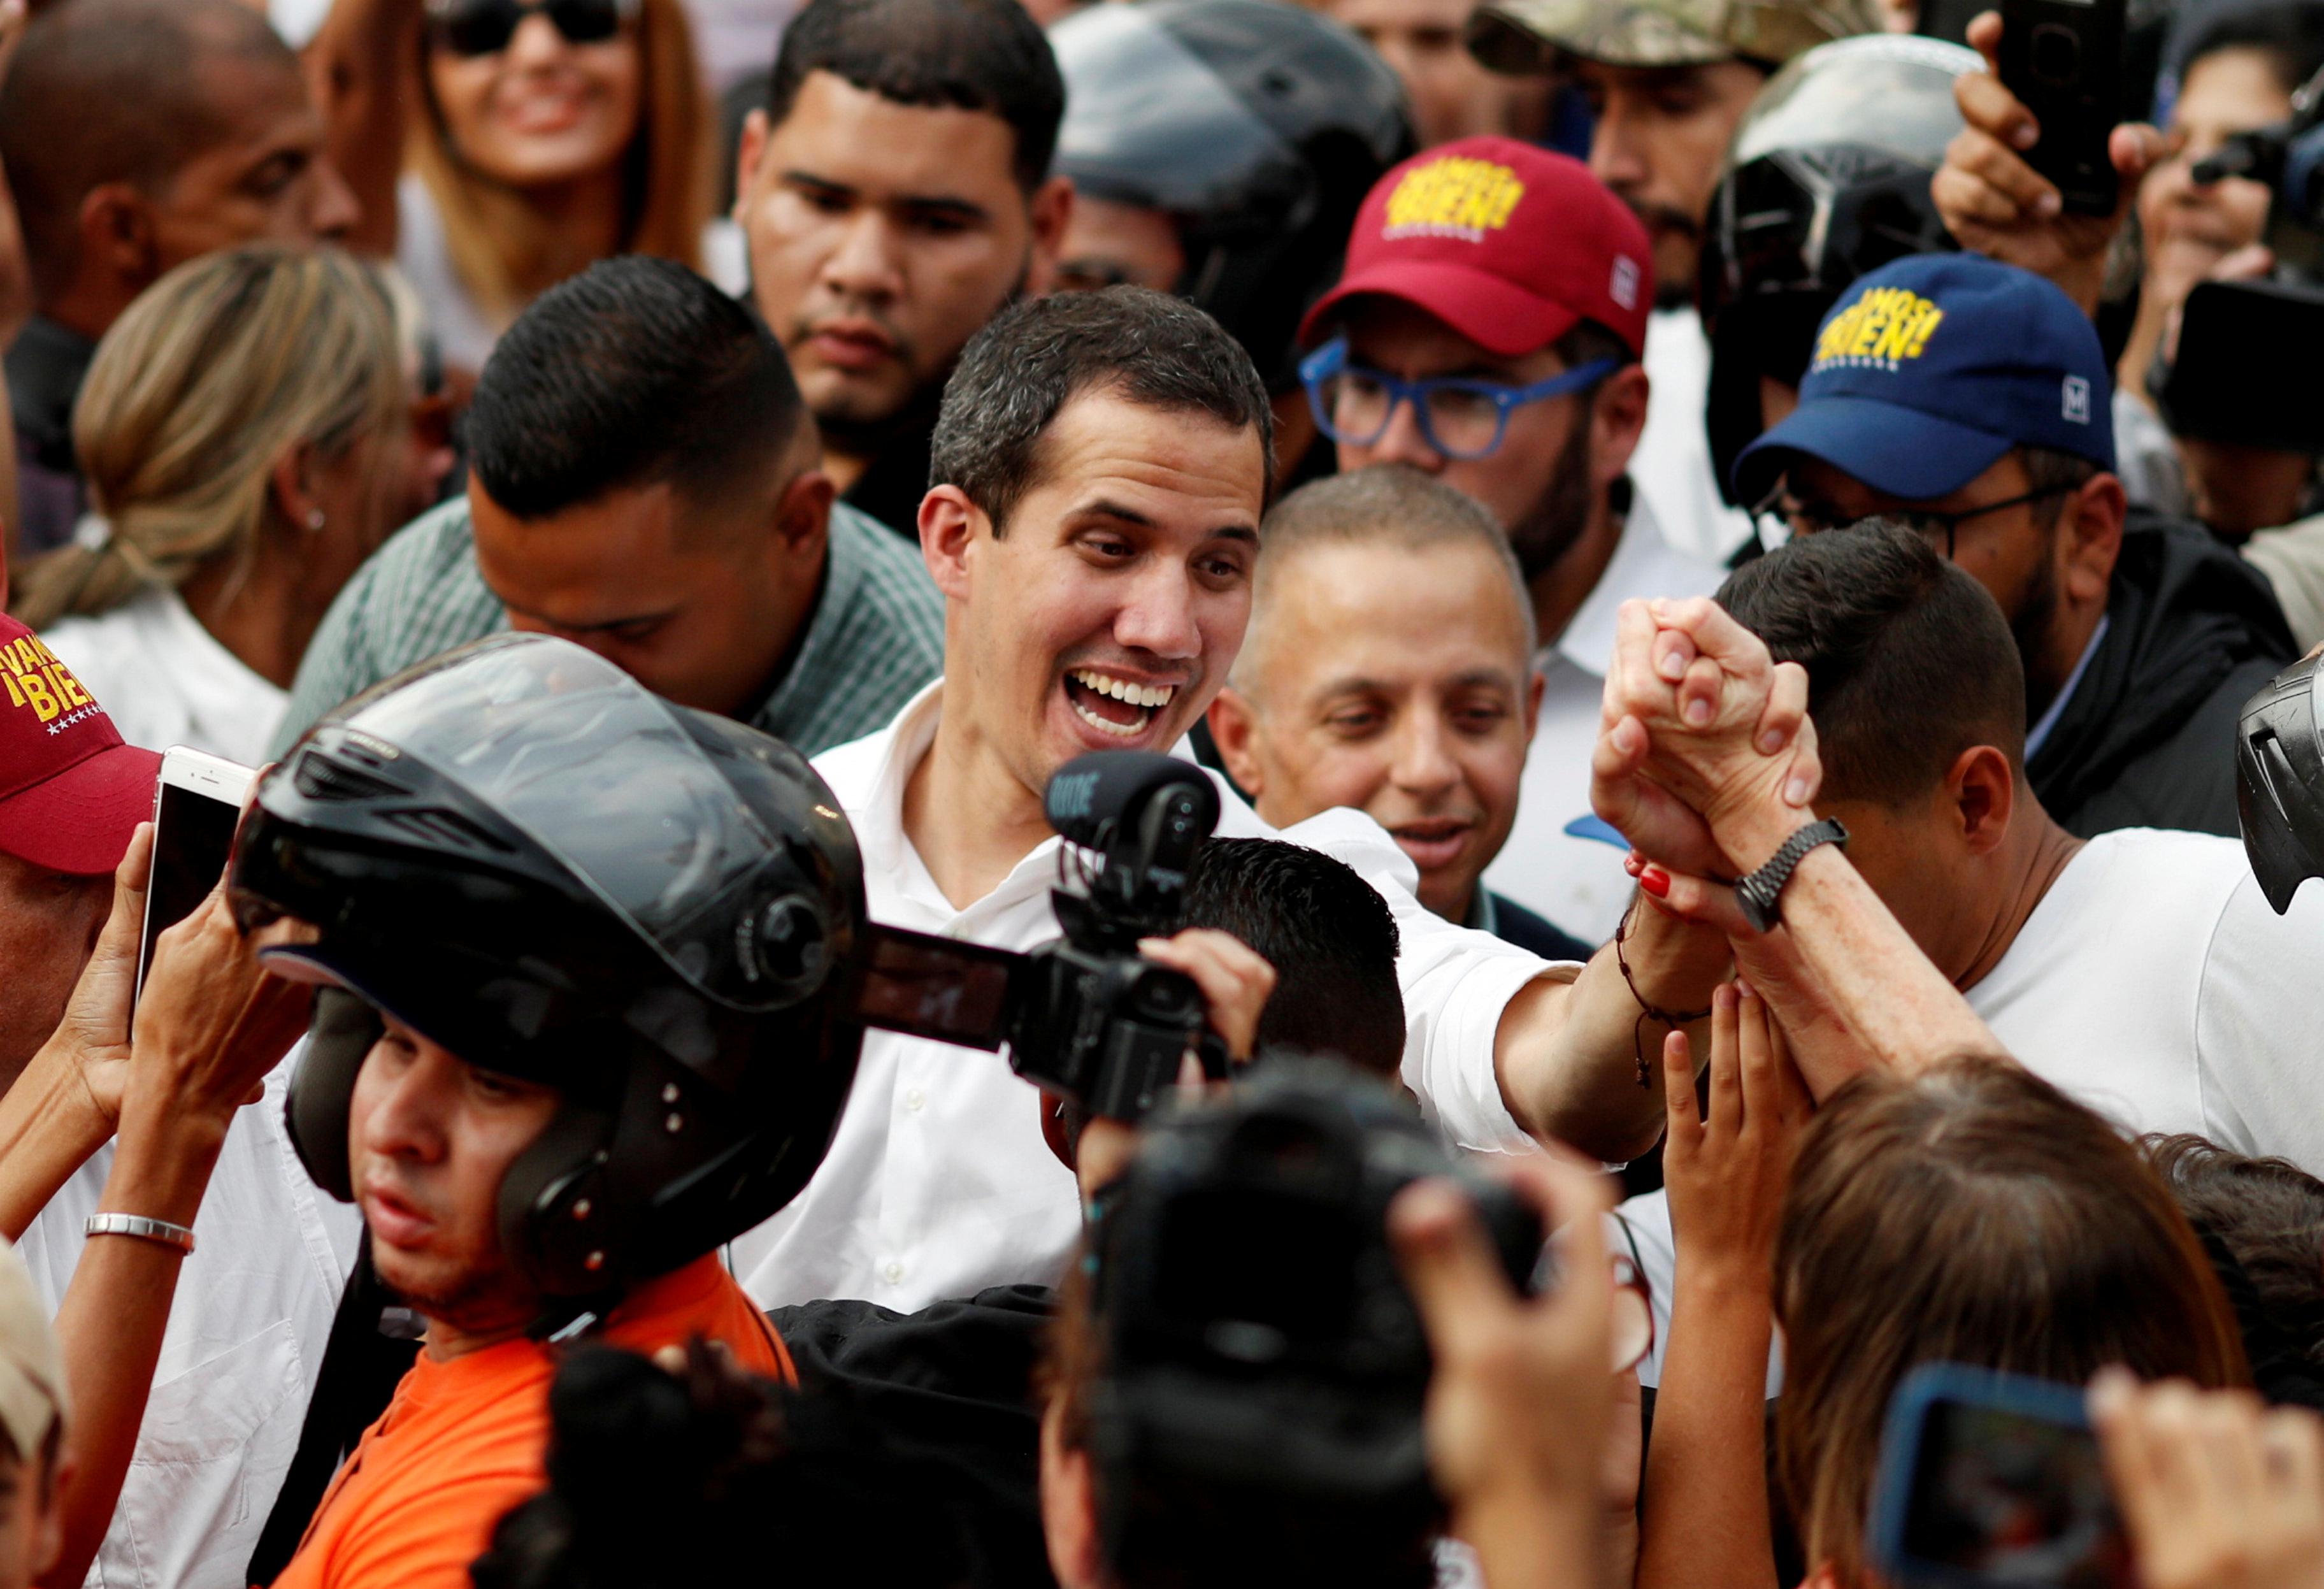 جوايد يصافح مؤيدا وسط الحشود فى الشوارع